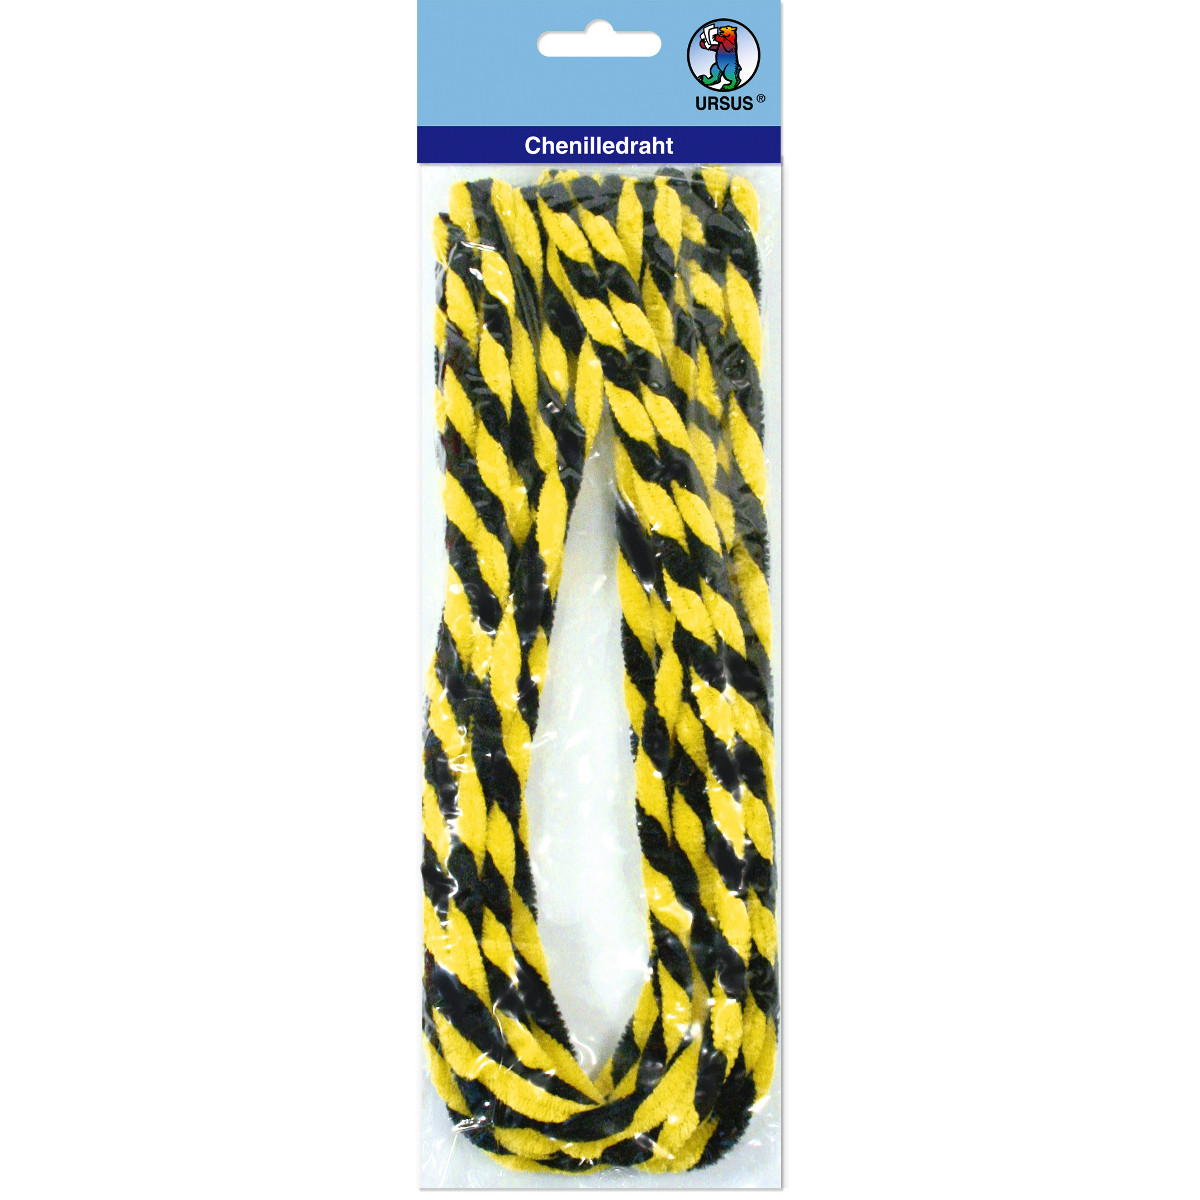 Chenilledraht 9 mm schwarz/gelb